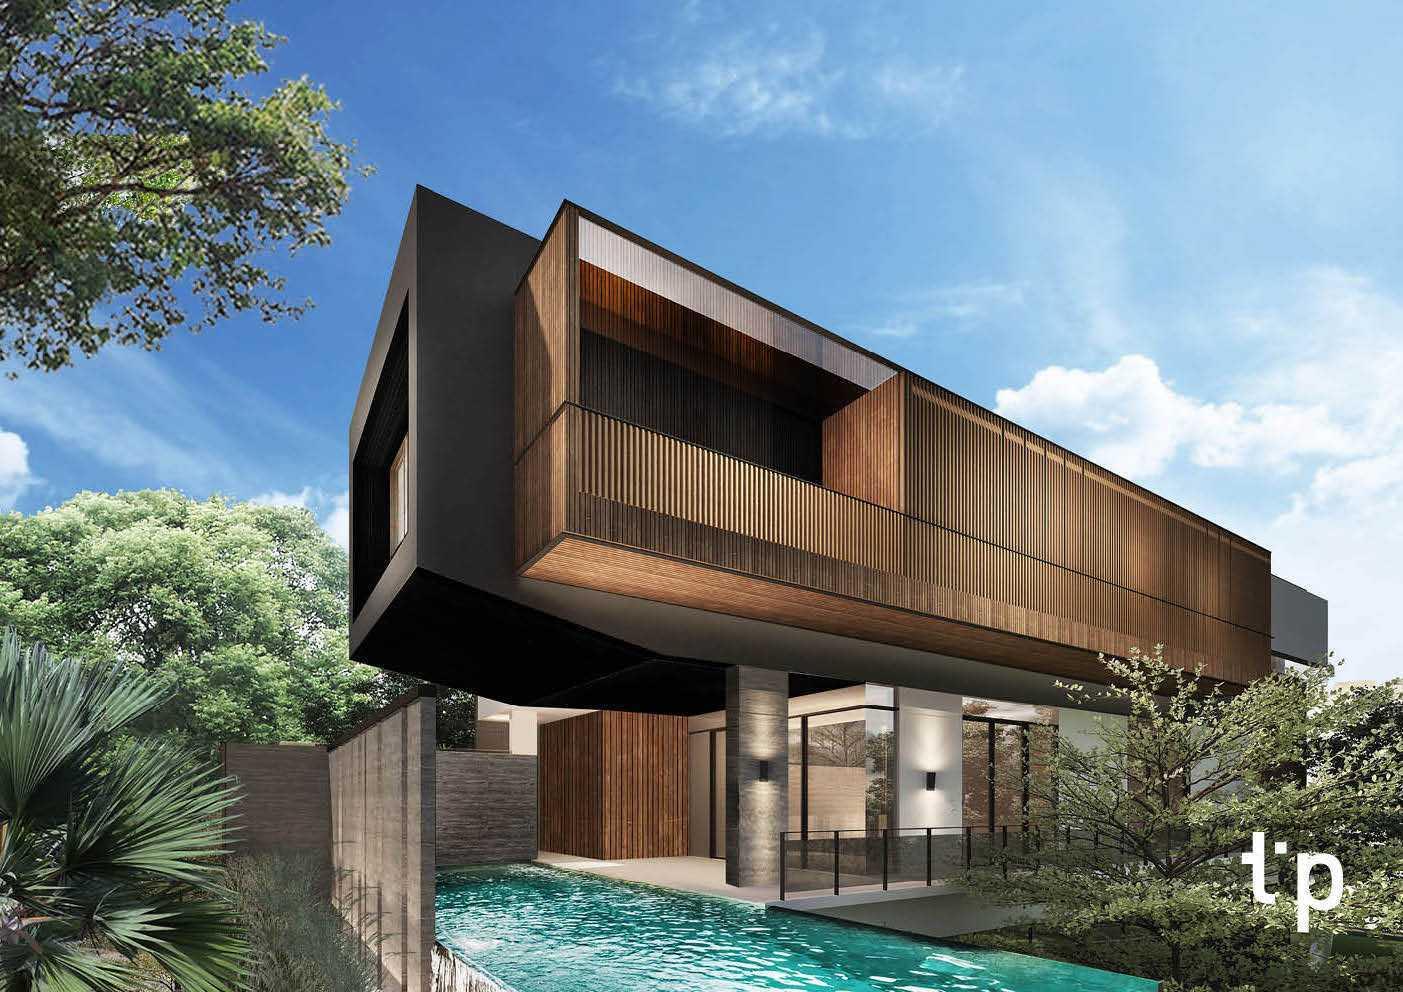 Tp Architects Vks House Jambi, Kota Jambi, Jambi, Indonesia Jambi, Kota Jambi, Jambi, Indonesia Tp-Architects-Vks-House  90658